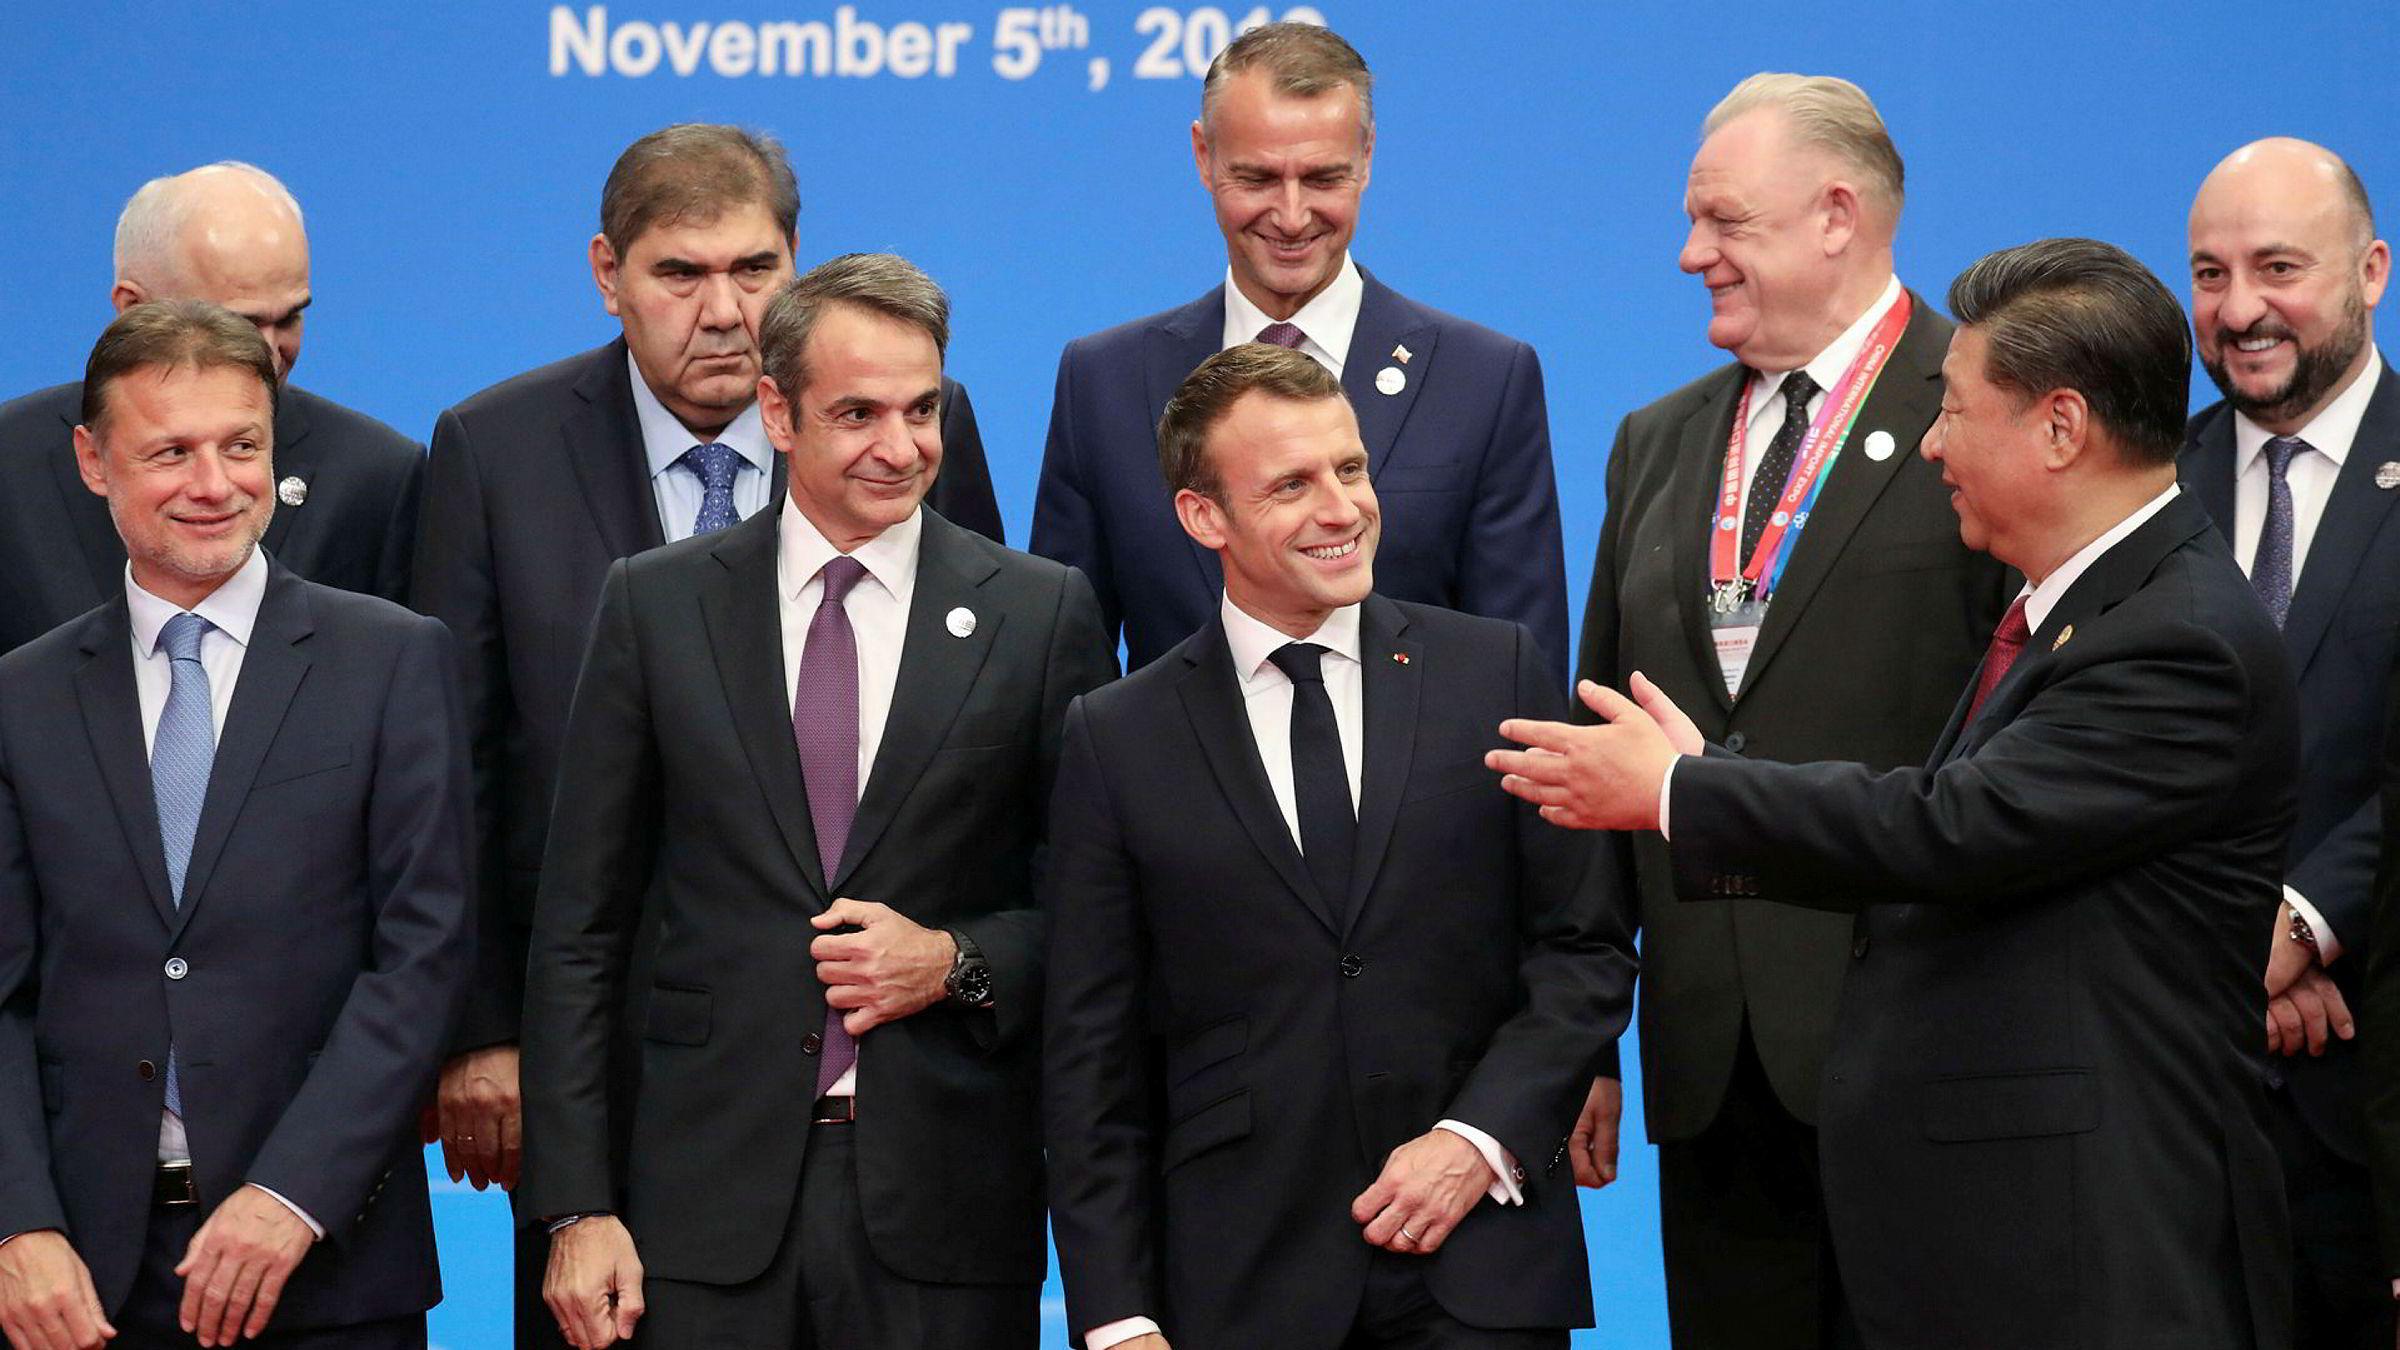 Kinas president Xi Hinping hadde invitert sin franske kollega Emmanuel Macron til åpniingen av China International Import Expo i Shanghai tirsdag. President Xi lover å senke importtoll og gi økt markedstilgang til det kinesiske markedet.